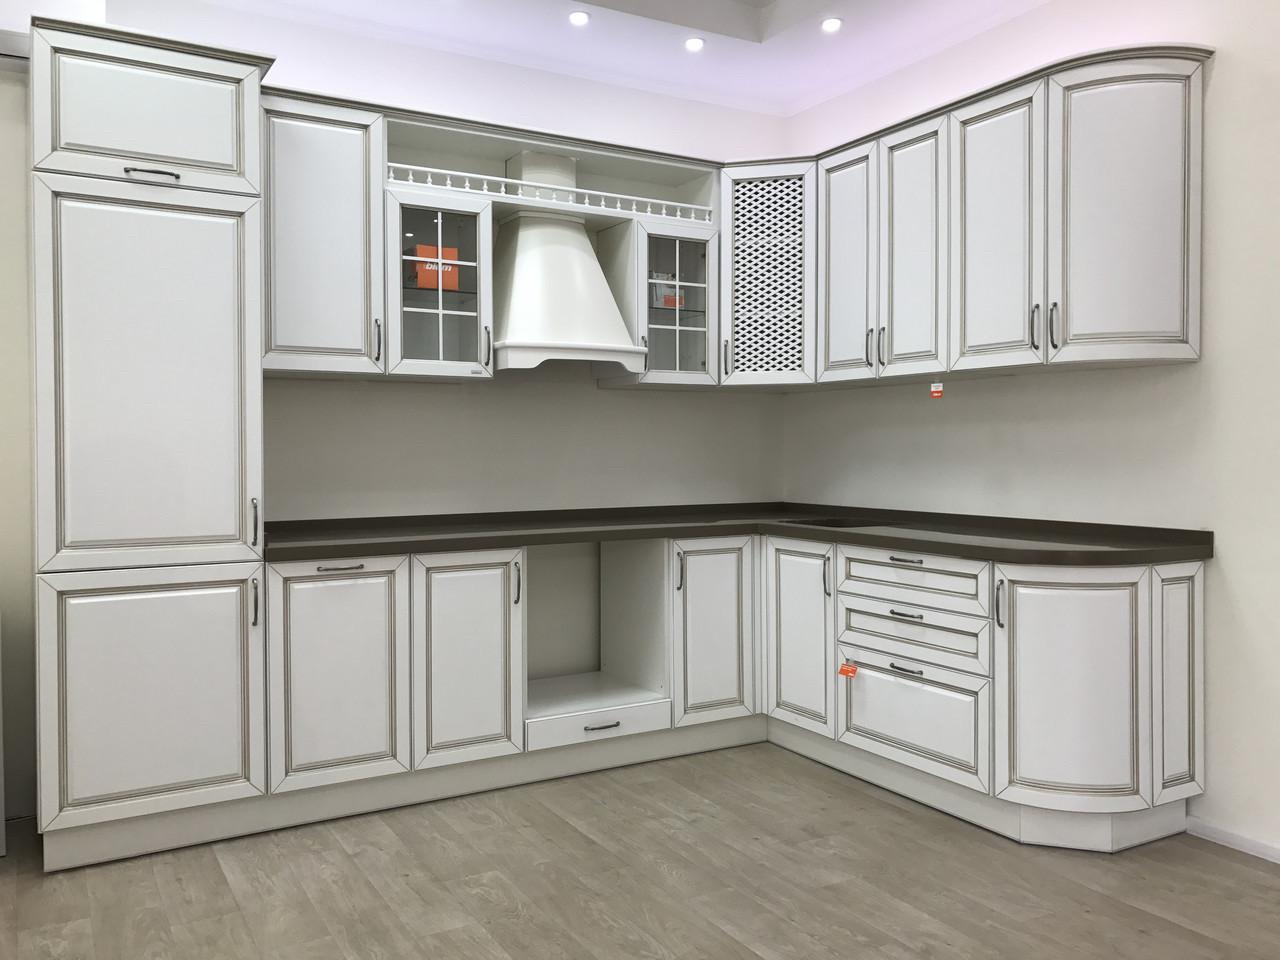 Кухня мдф краска + патина + столешница и мойка камень + вытяжка с Выставки магазина